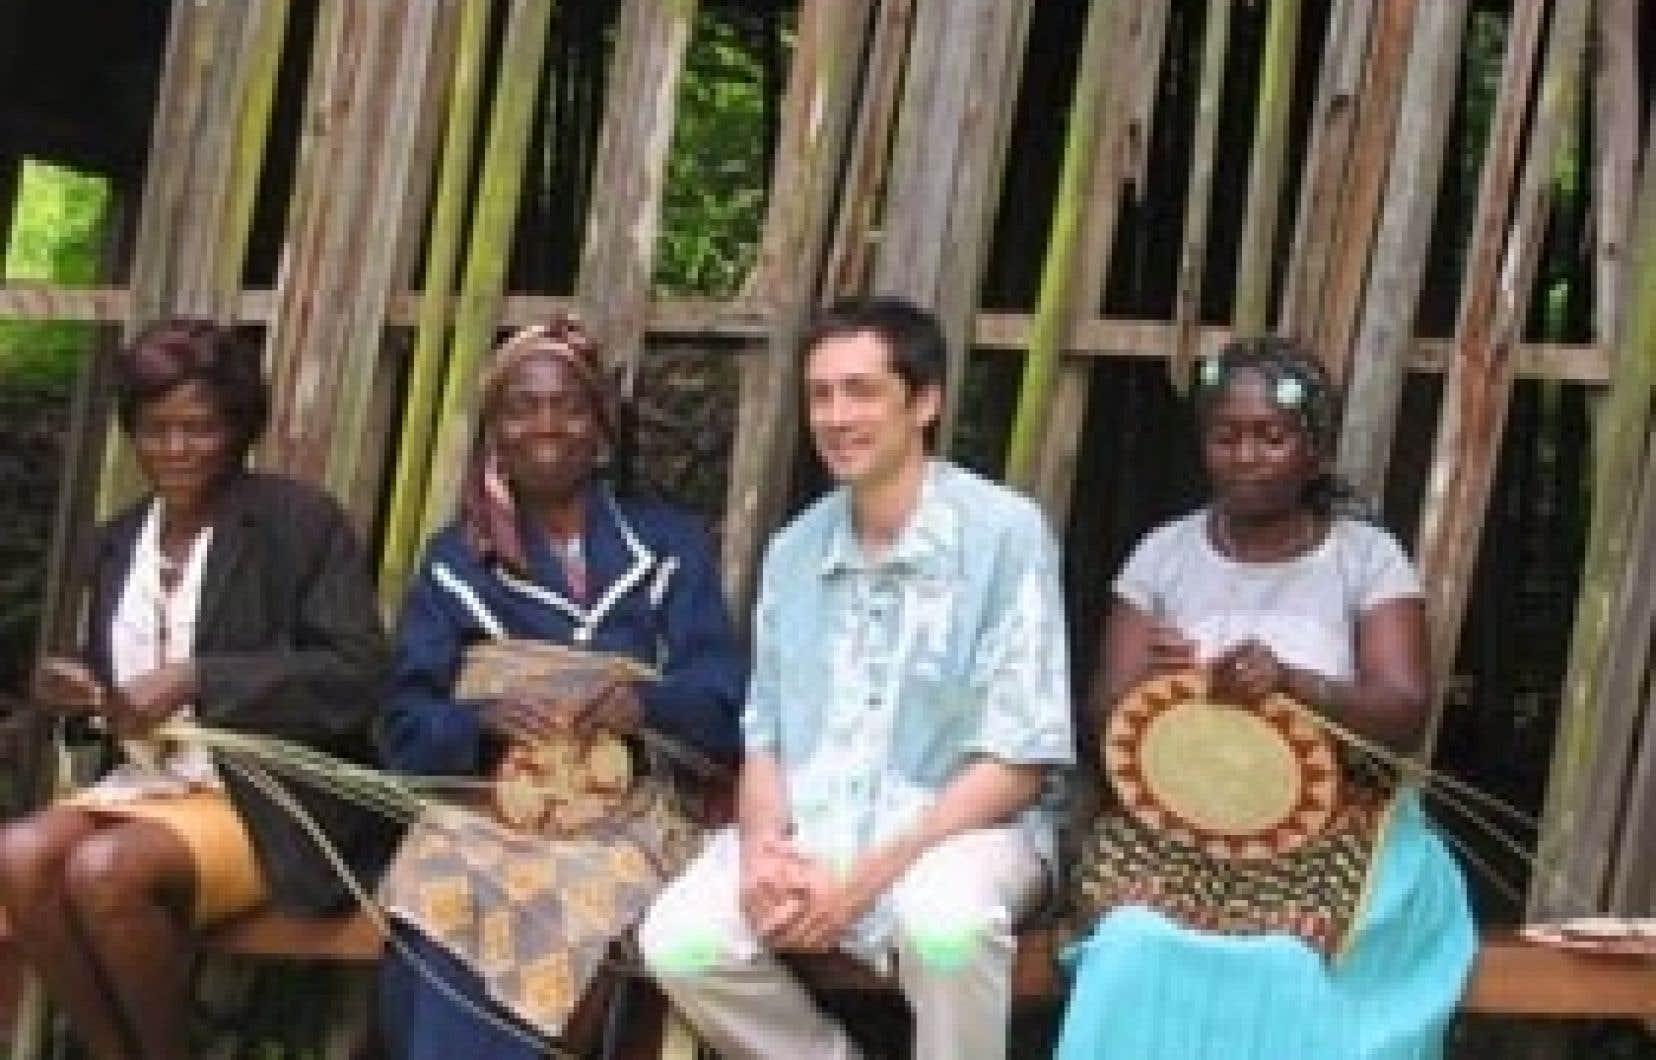 gracieuseté françois bellemare Amoureux de l'Afrique, François Bellemare s'y rend régulièrement pour tisser des liens avec ses artisans-fournisseurs, comme ces travailleuses du raphia du village de Bafout, dans le nord-est du Cameroun.